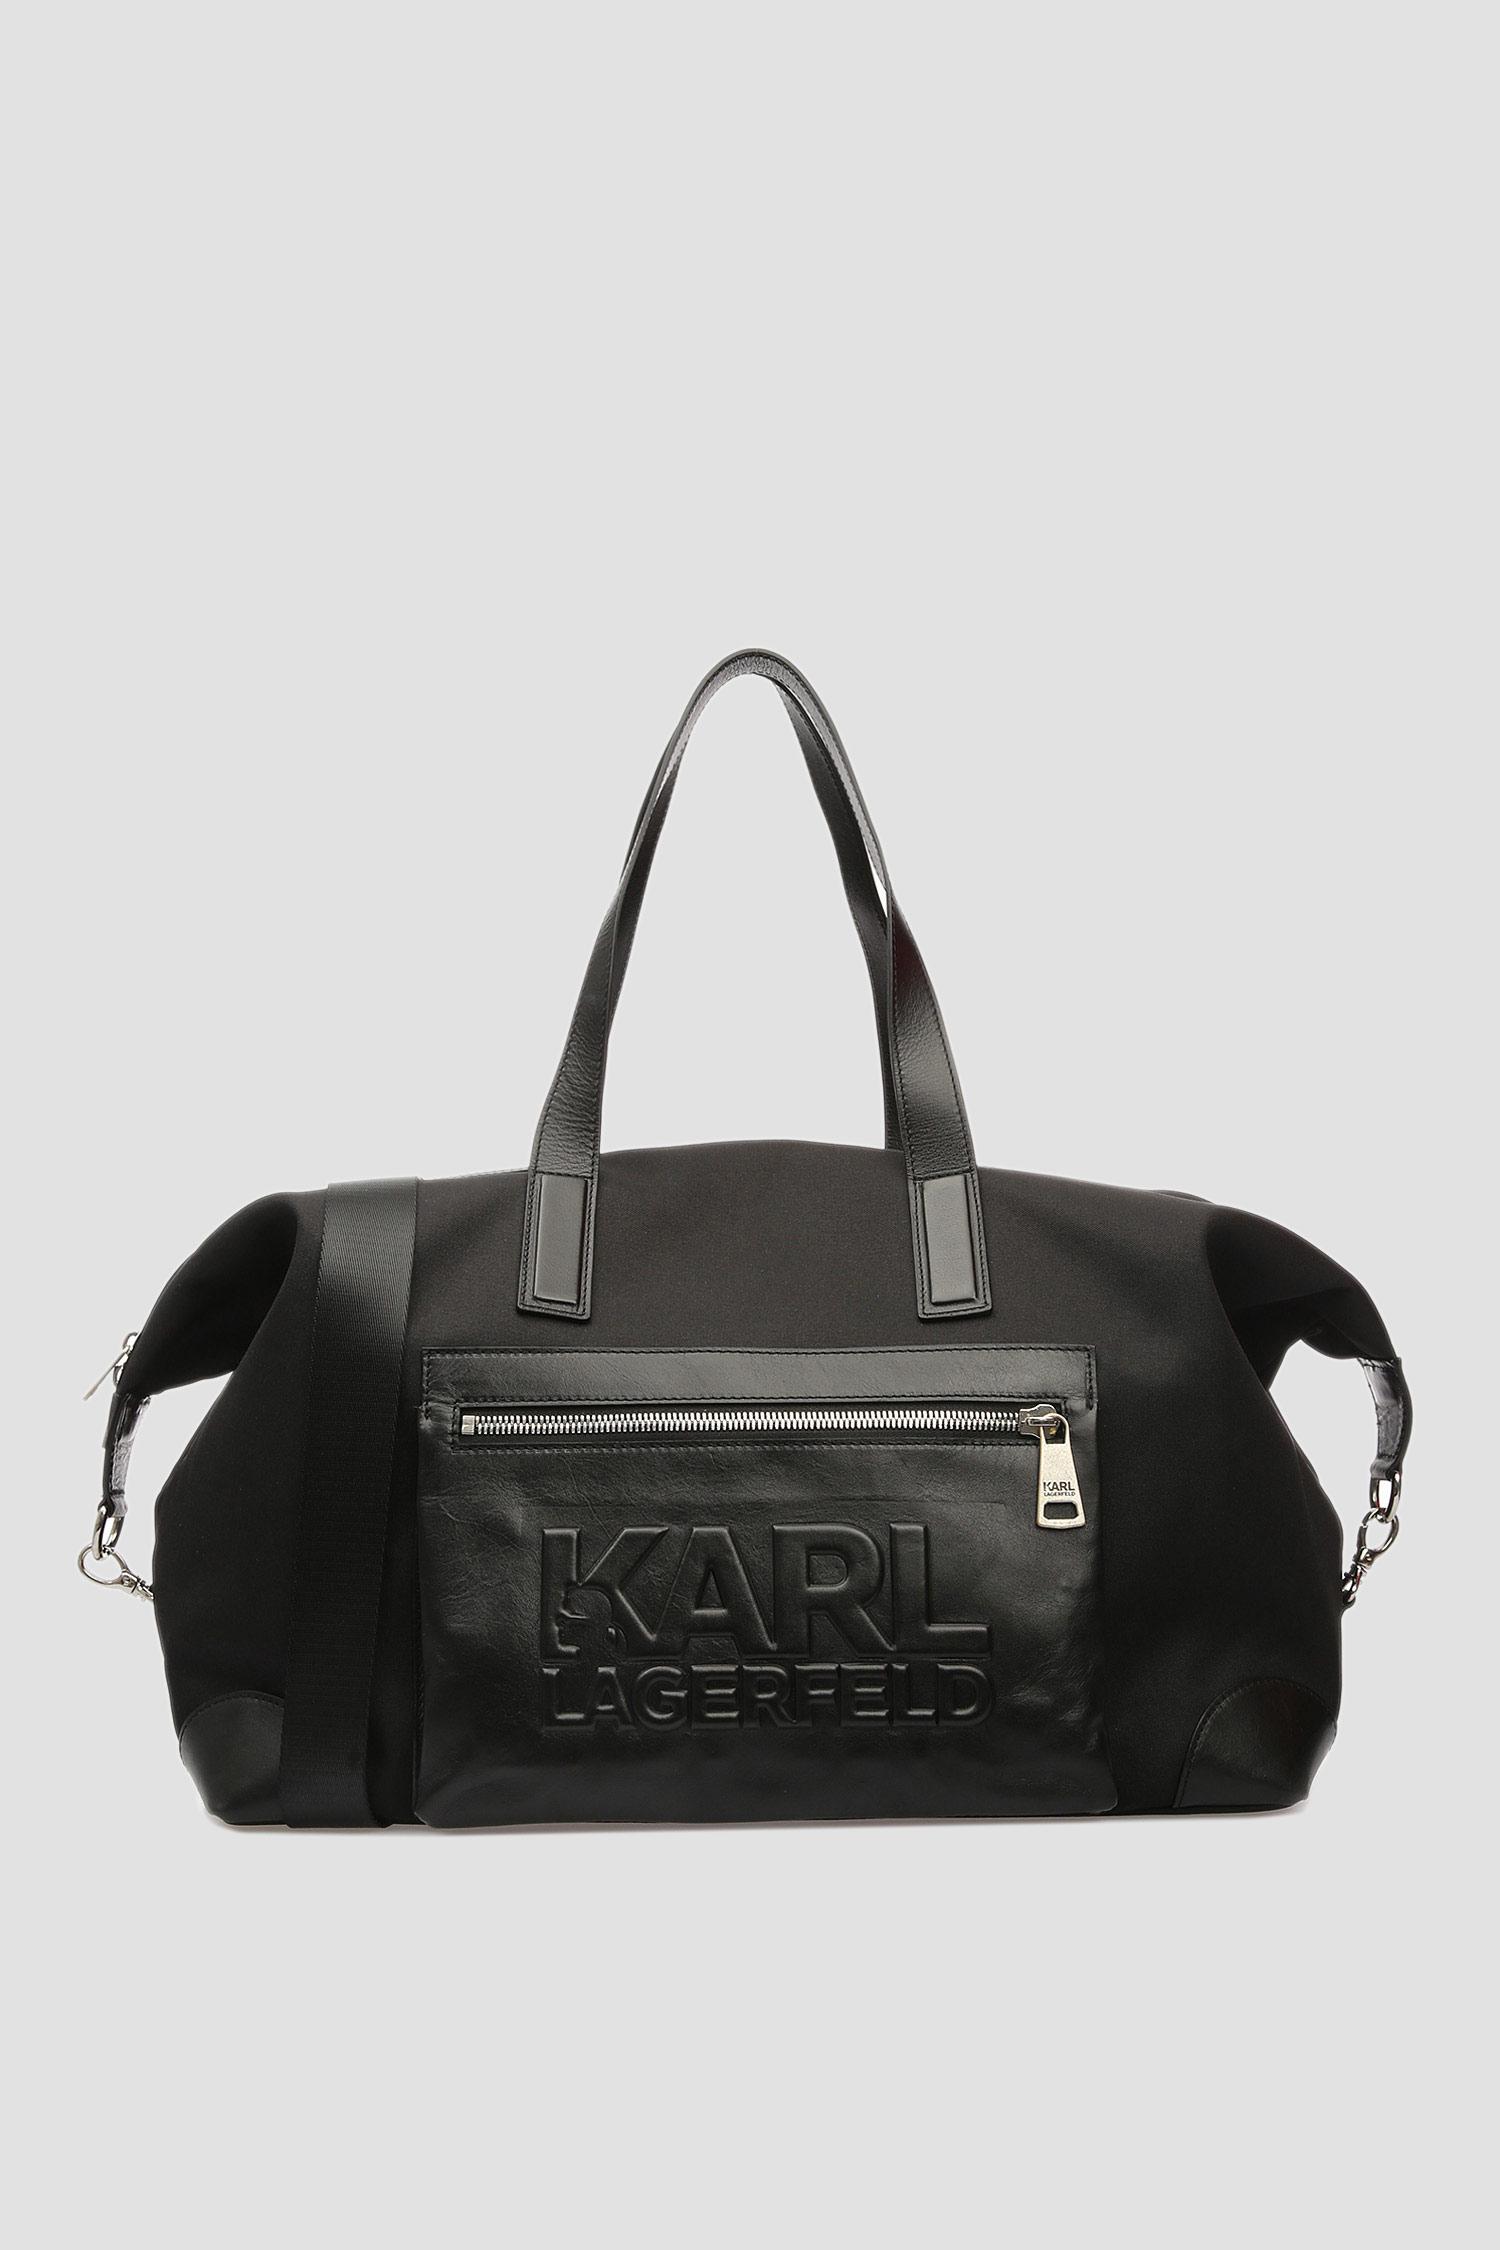 Чоловіча чорна дорожня сумка Karl Lagerfeld 591114.805900;990